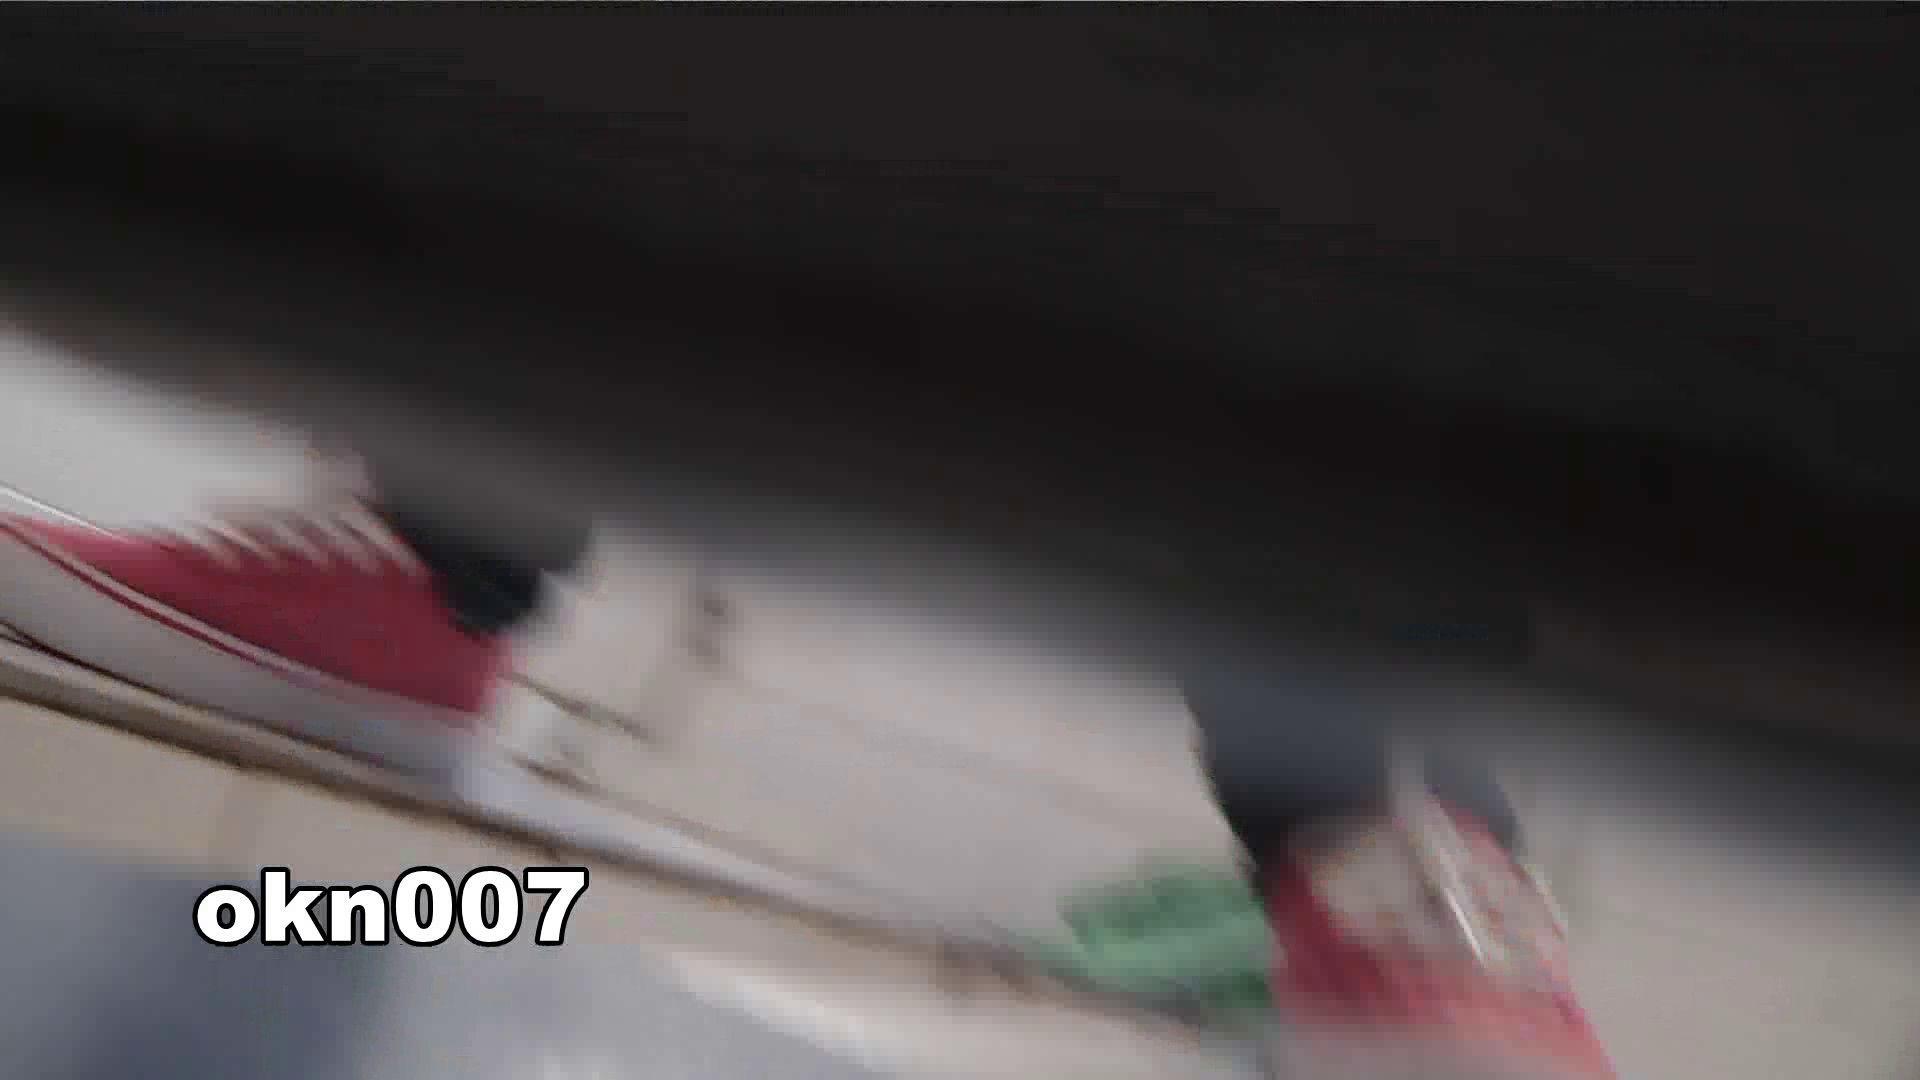 下からノゾム vol.007 クパッと広げて叩いてブルッ! 洗面所  57PIX 48